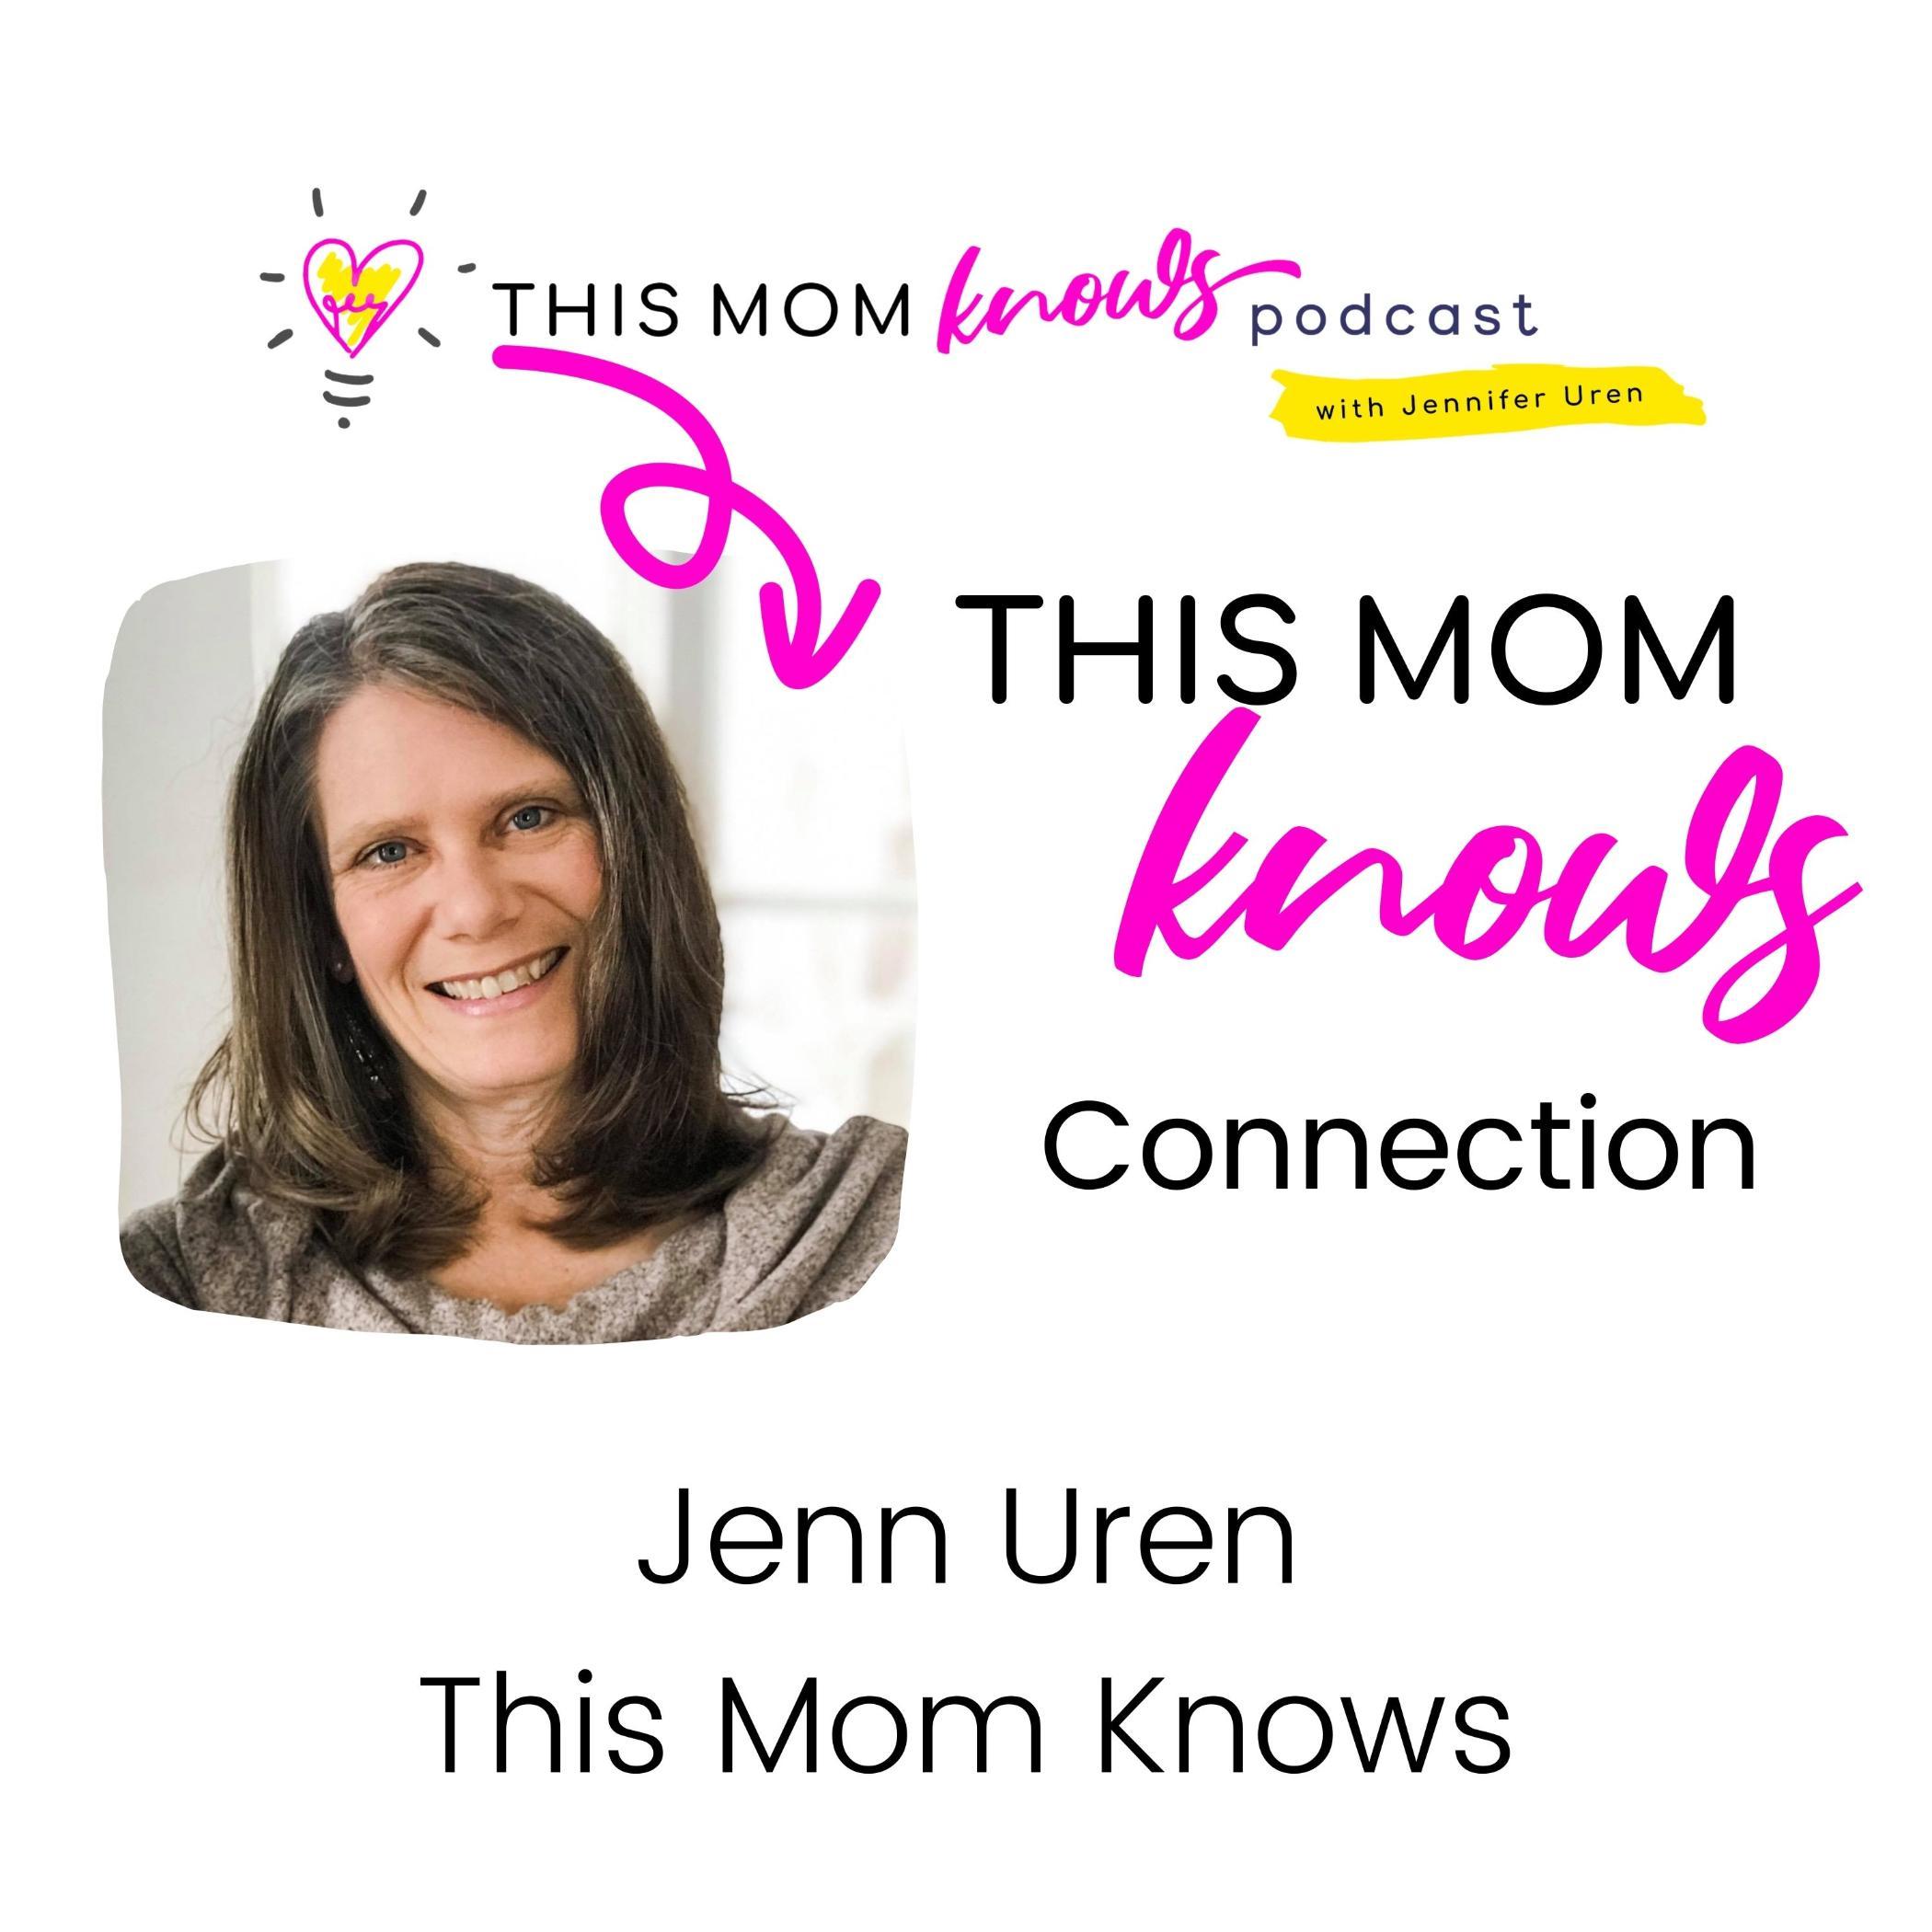 Jenn Uren on Connection